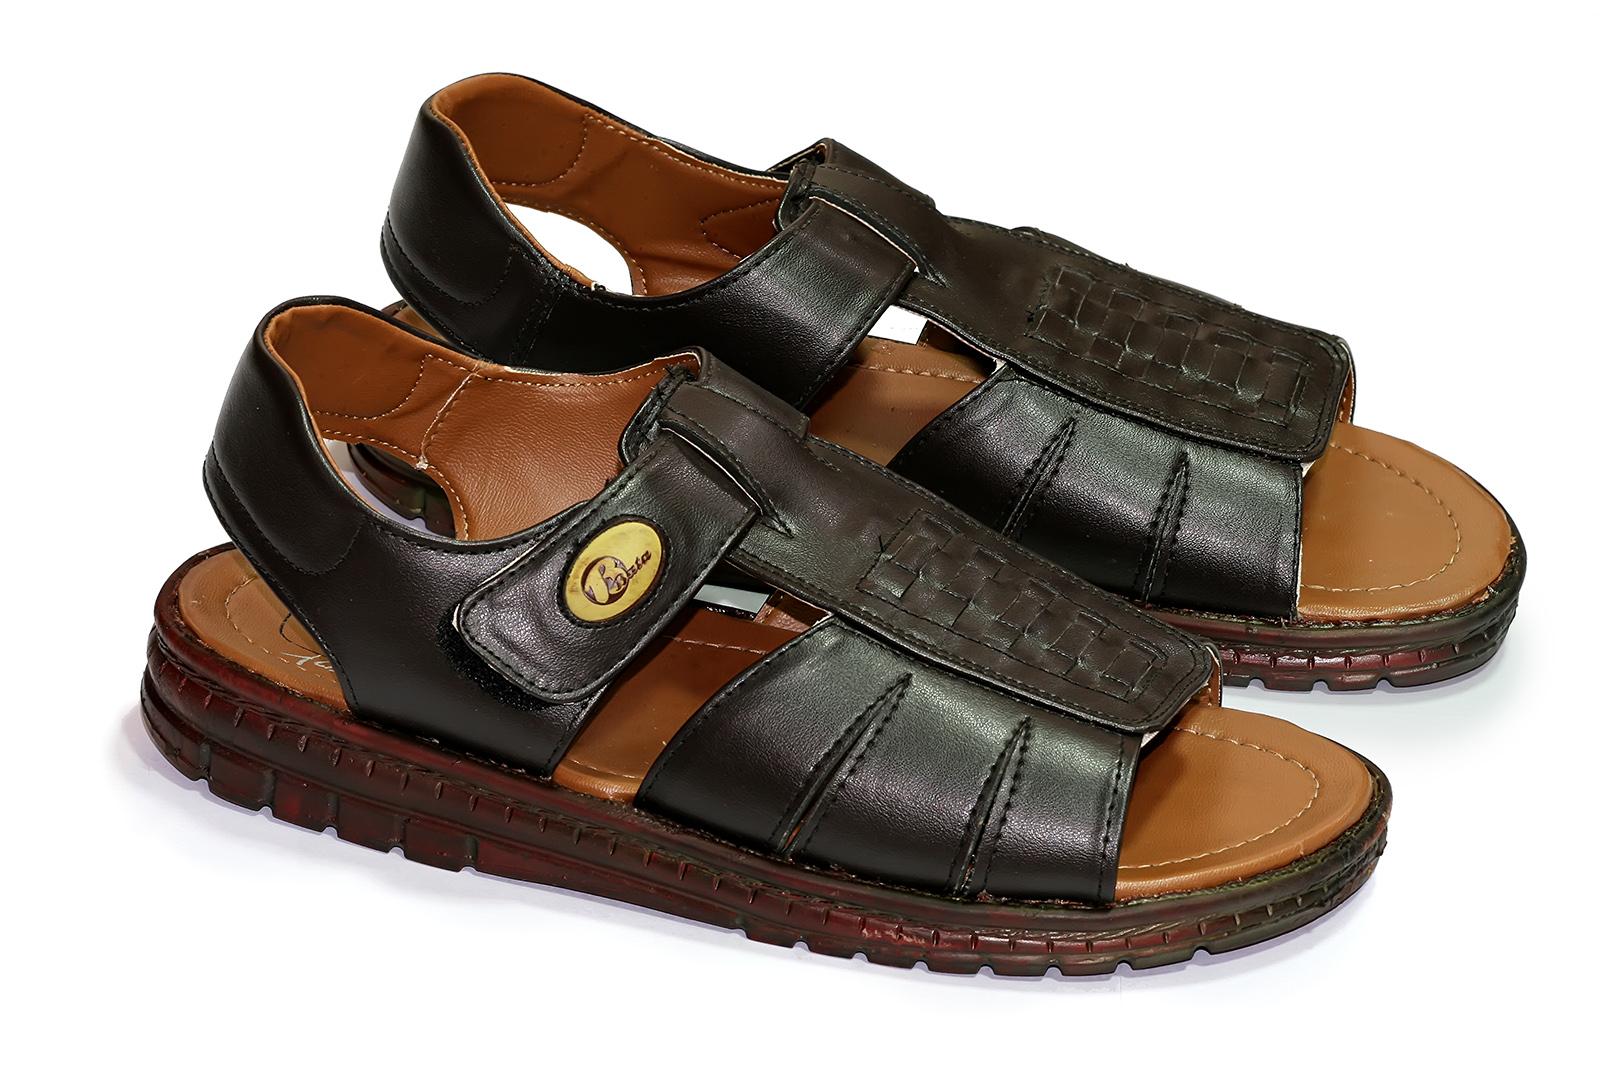 fashion spot sandals for men 2011